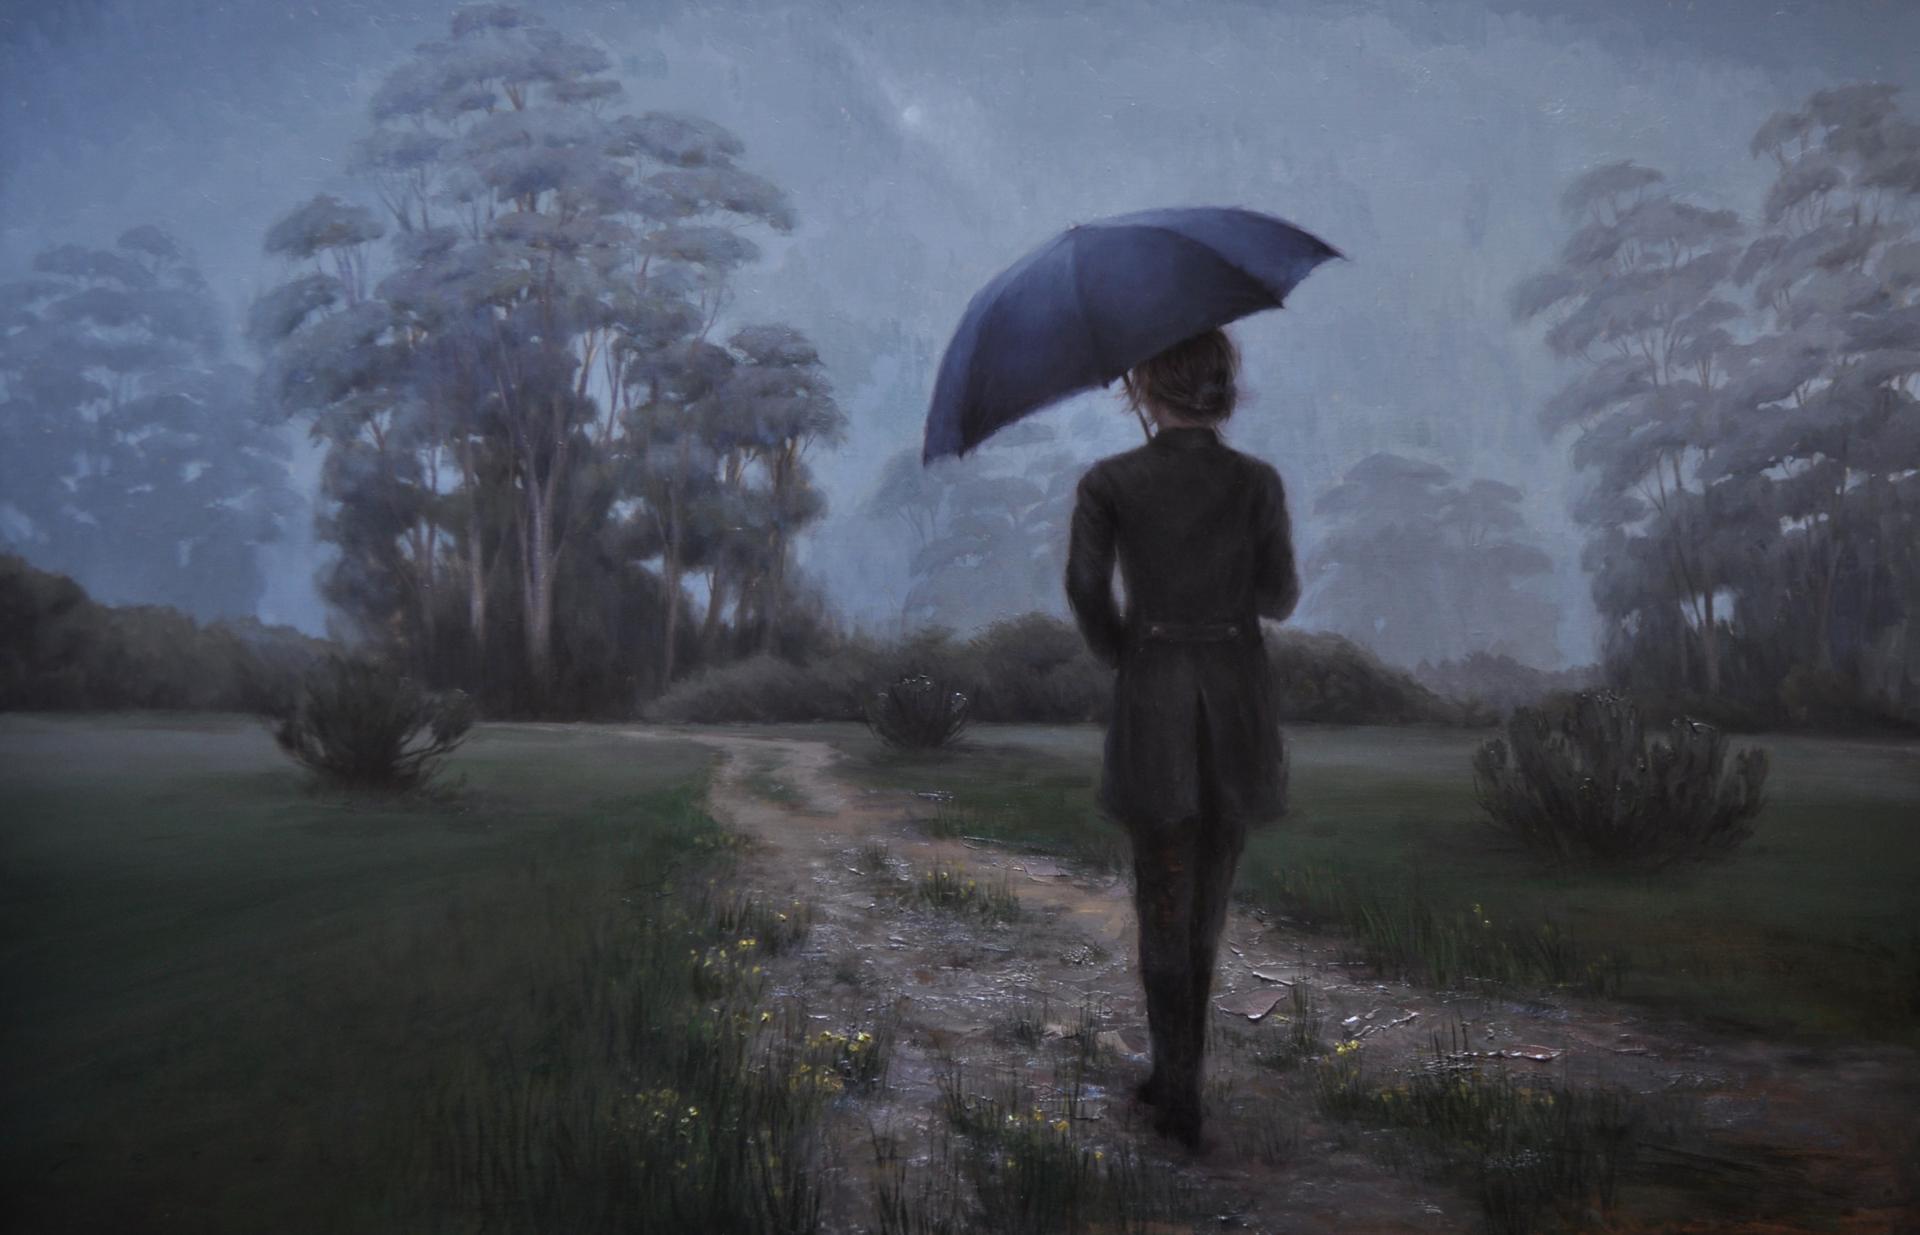 Evening Mist by Derek Harrison